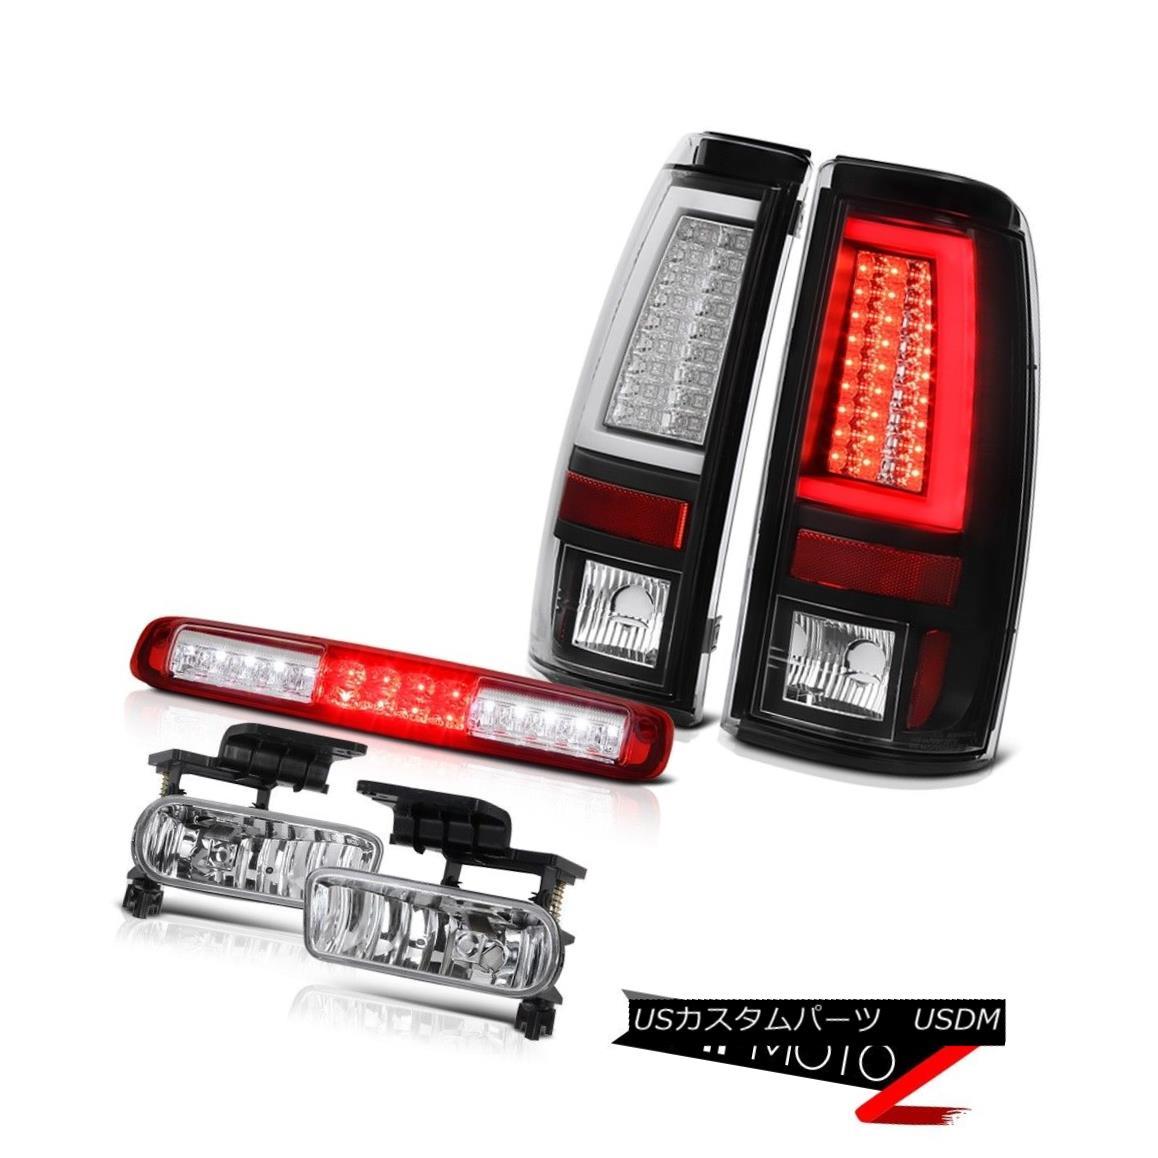 テールライト 1999-2002 Silverado 2500HD Inky Black Tail Lights High Stop Lamp Fog Tron Tube 1999-2002 Silverado 2500HD Inky BlackテールライトHigh Stop Lamp Fog Tron Tube